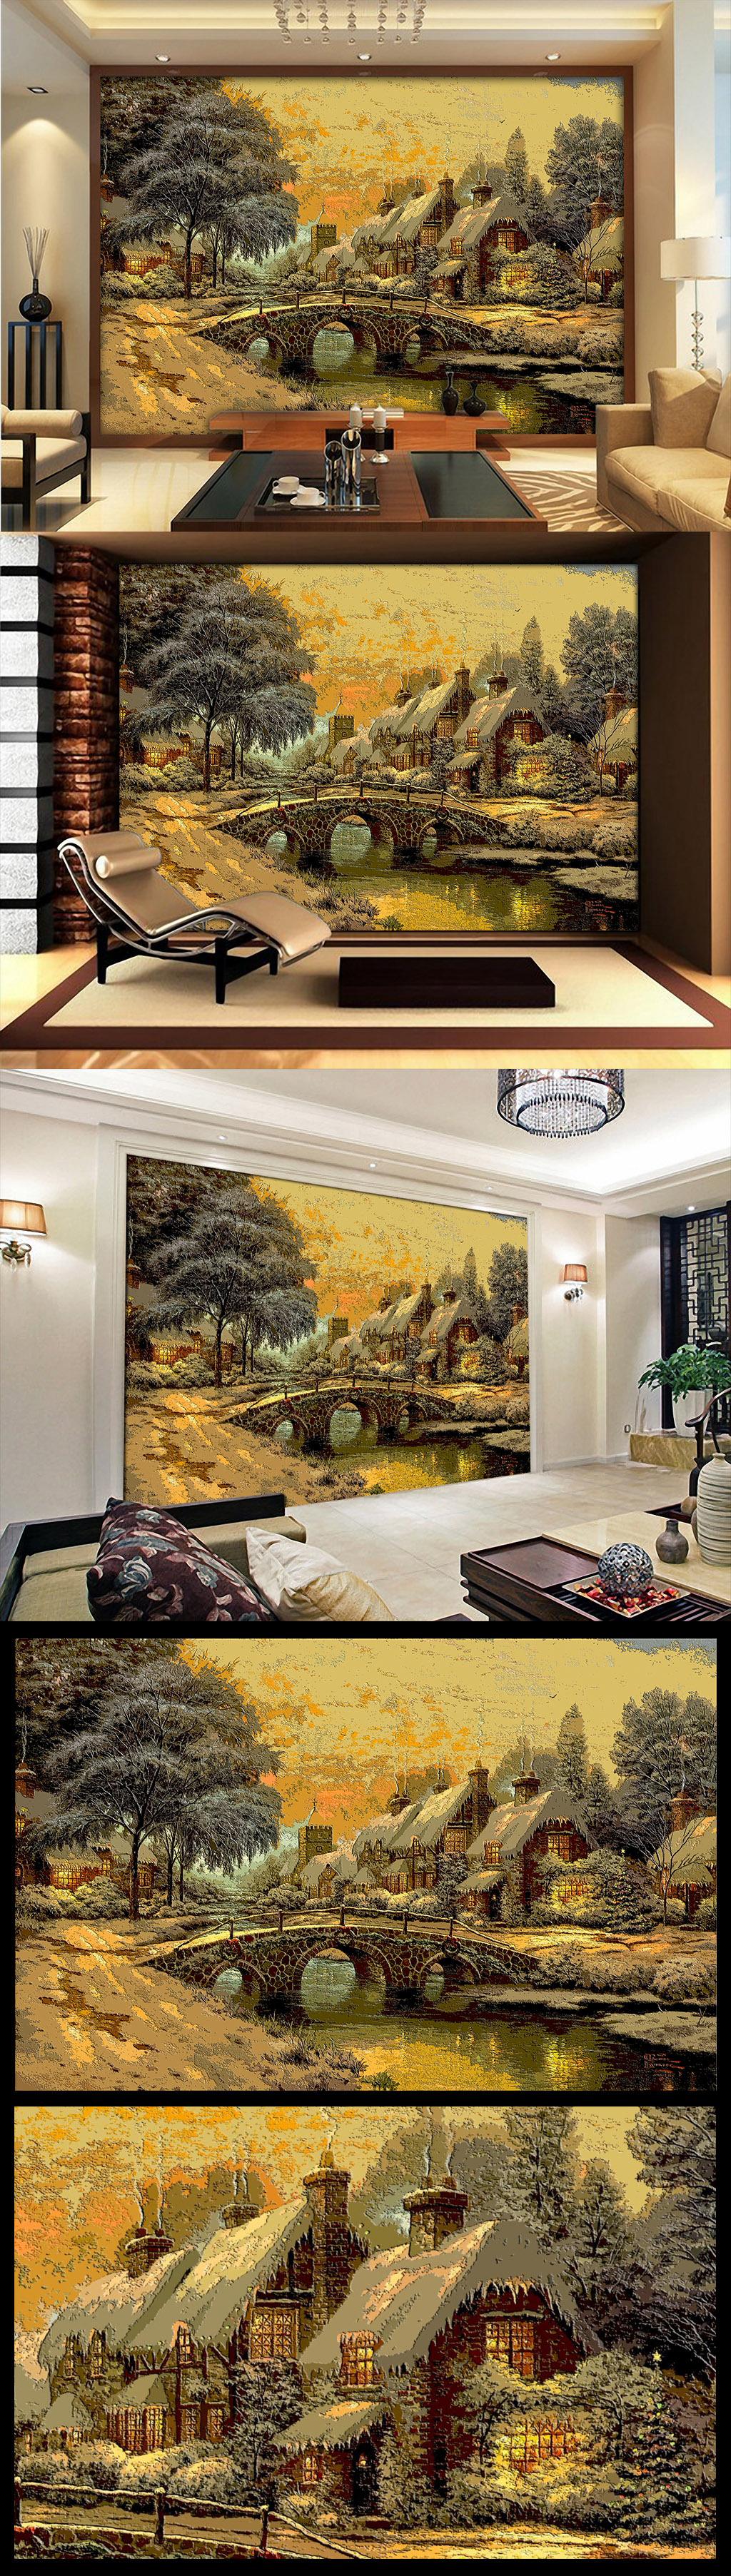 木雕木刻效果欧美乡村田园小屋油画电视墙